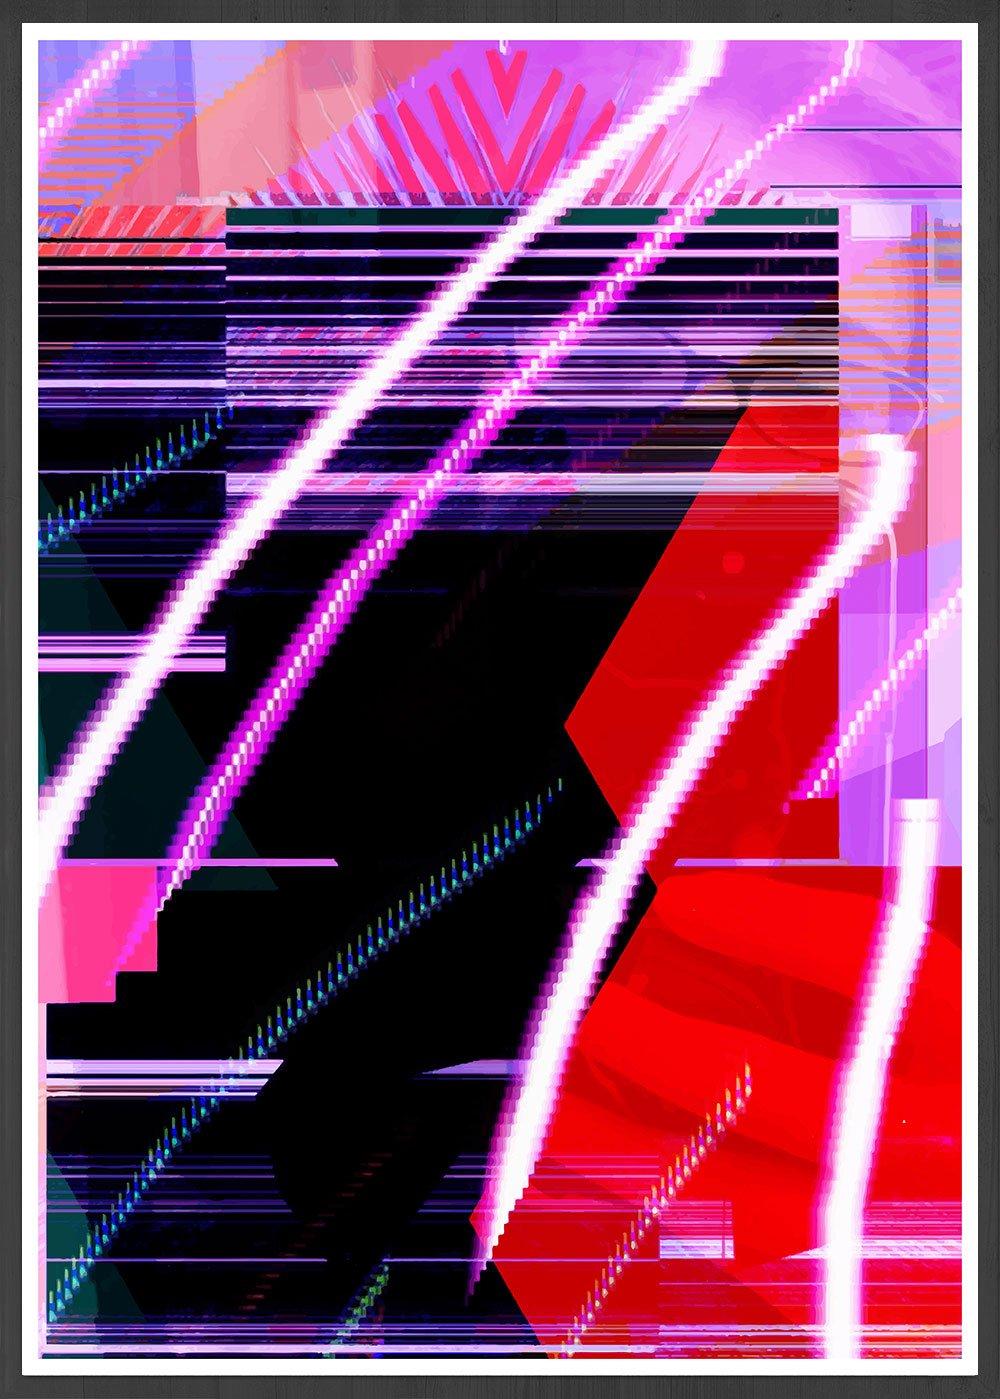 calx-frame_1024x1024@2x.jpg